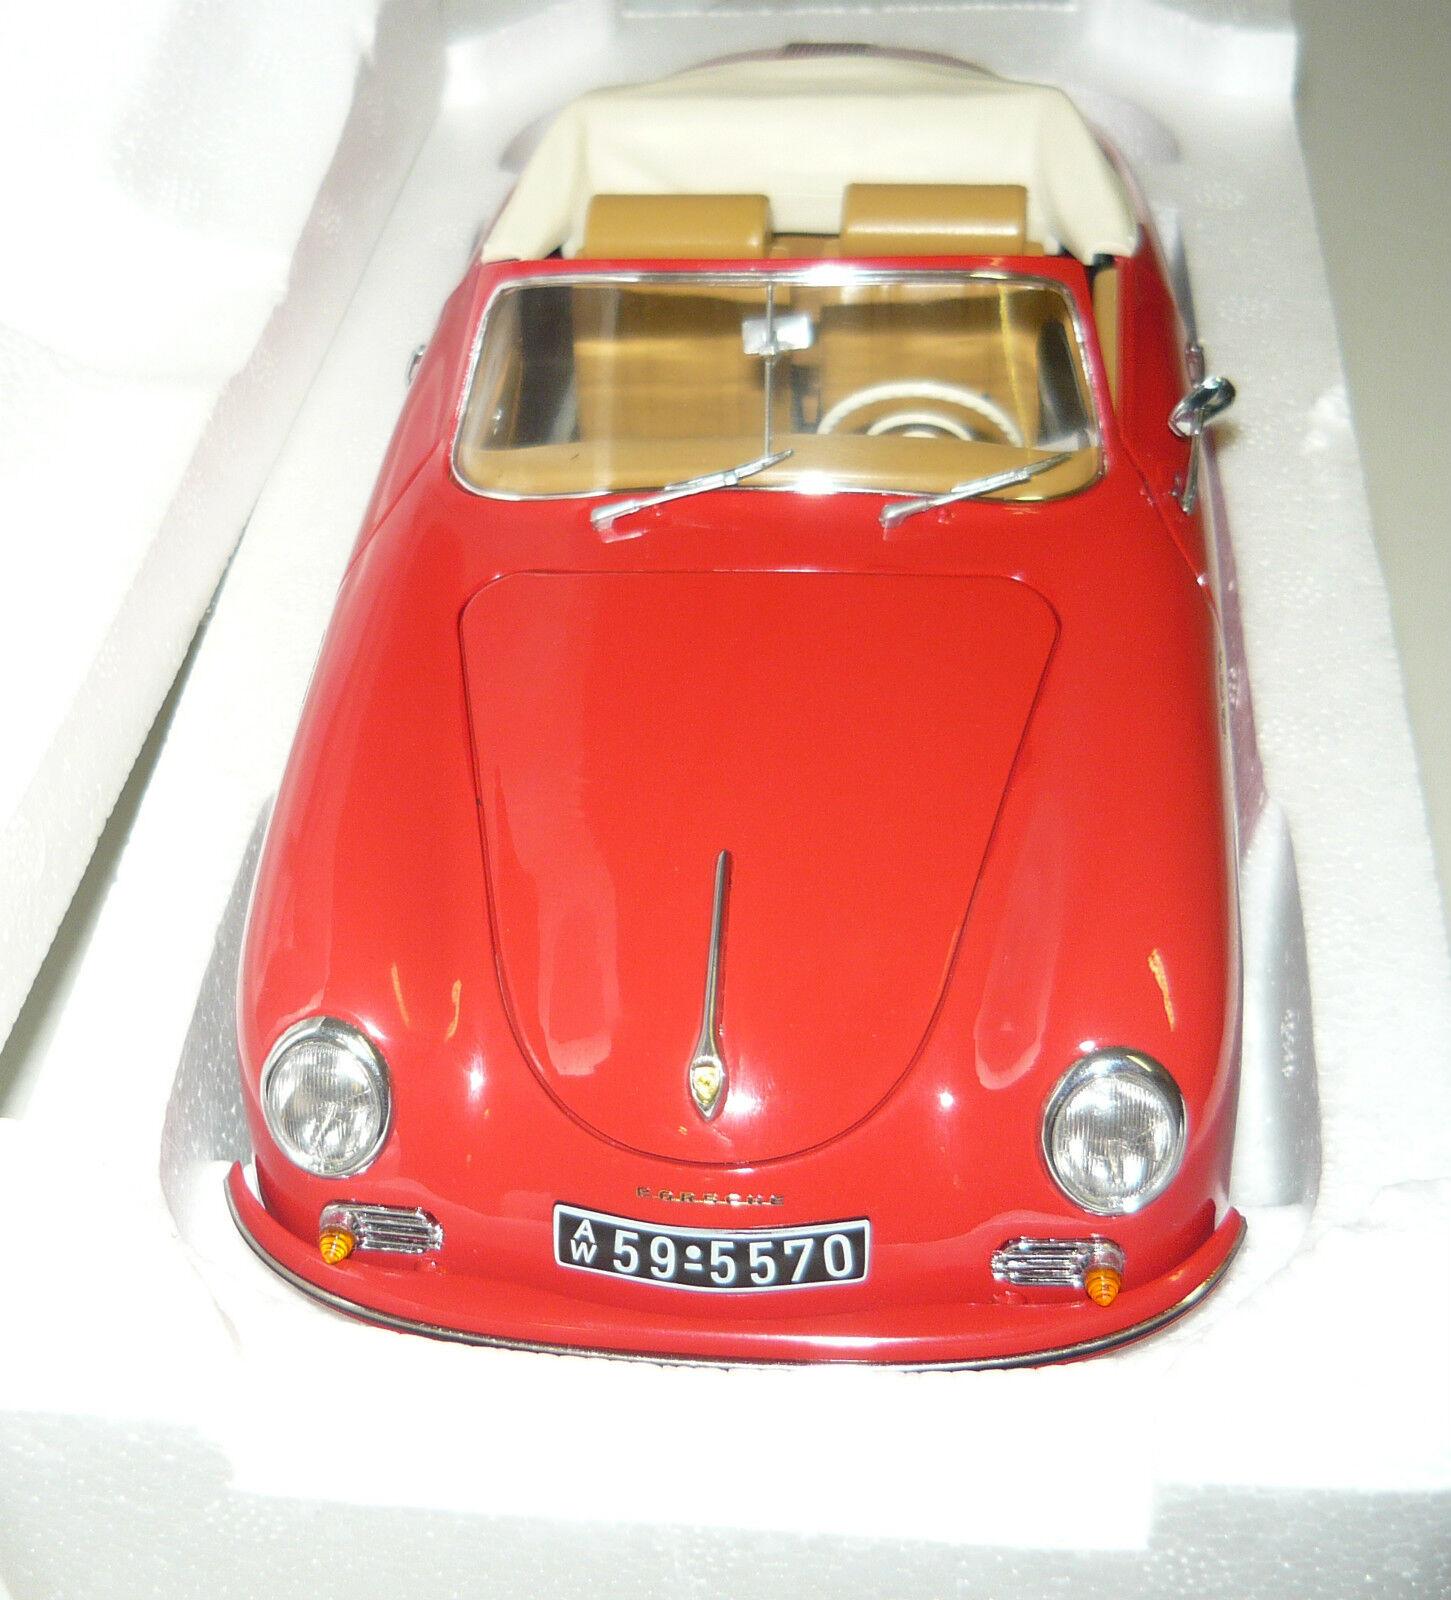 Schuco 450031000, Porsche 356 a cabriolet, 1 18, neu&ovp